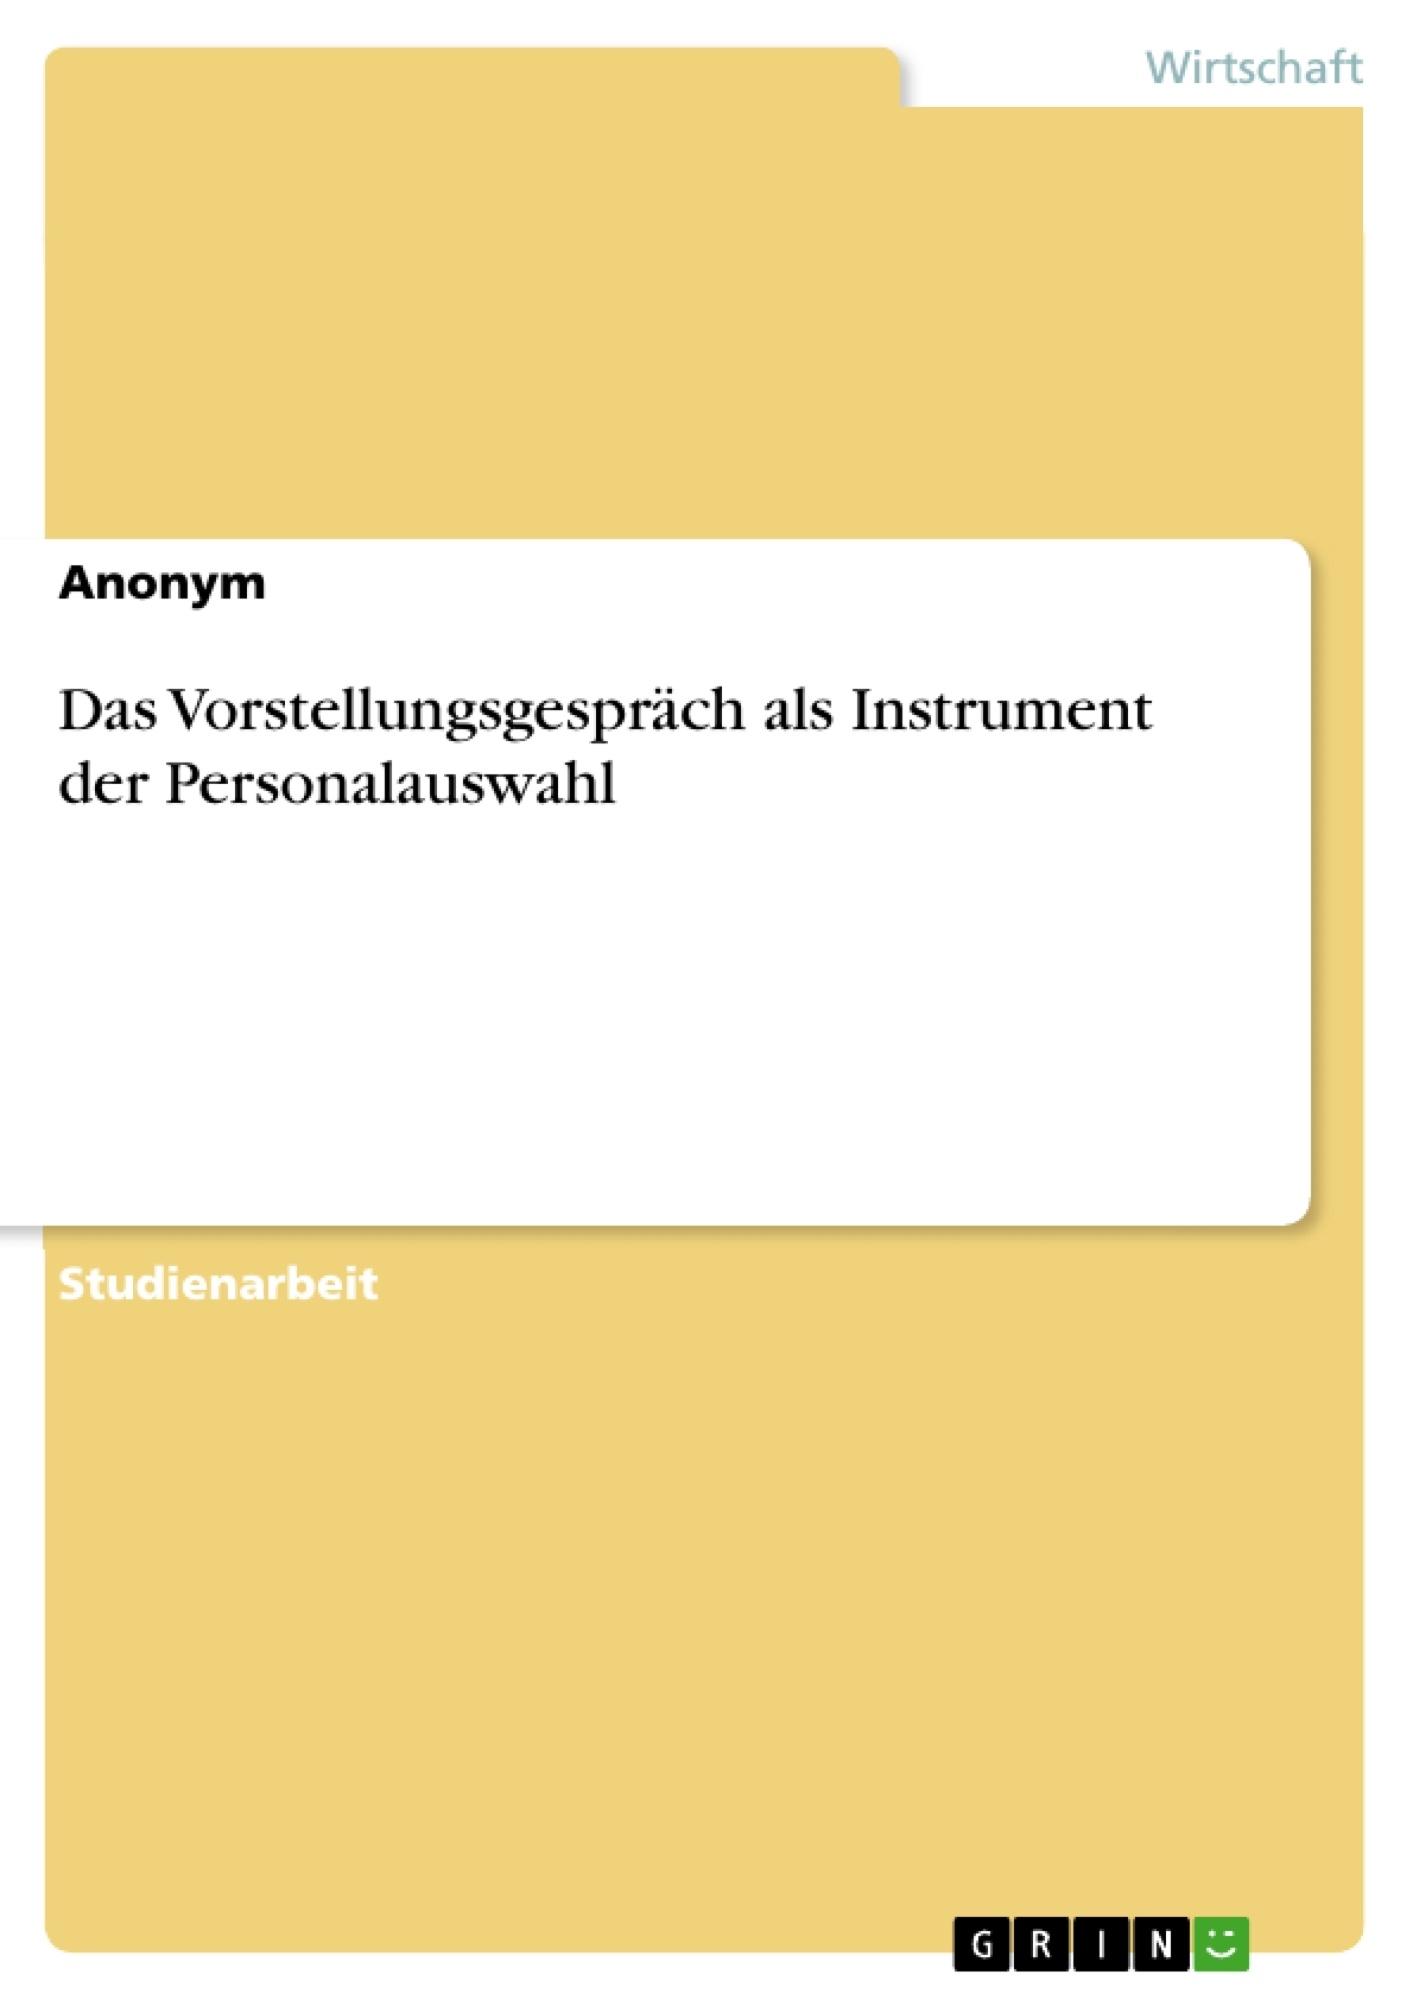 Titel: Das Vorstellungsgespräch als Instrument der Personalauswahl